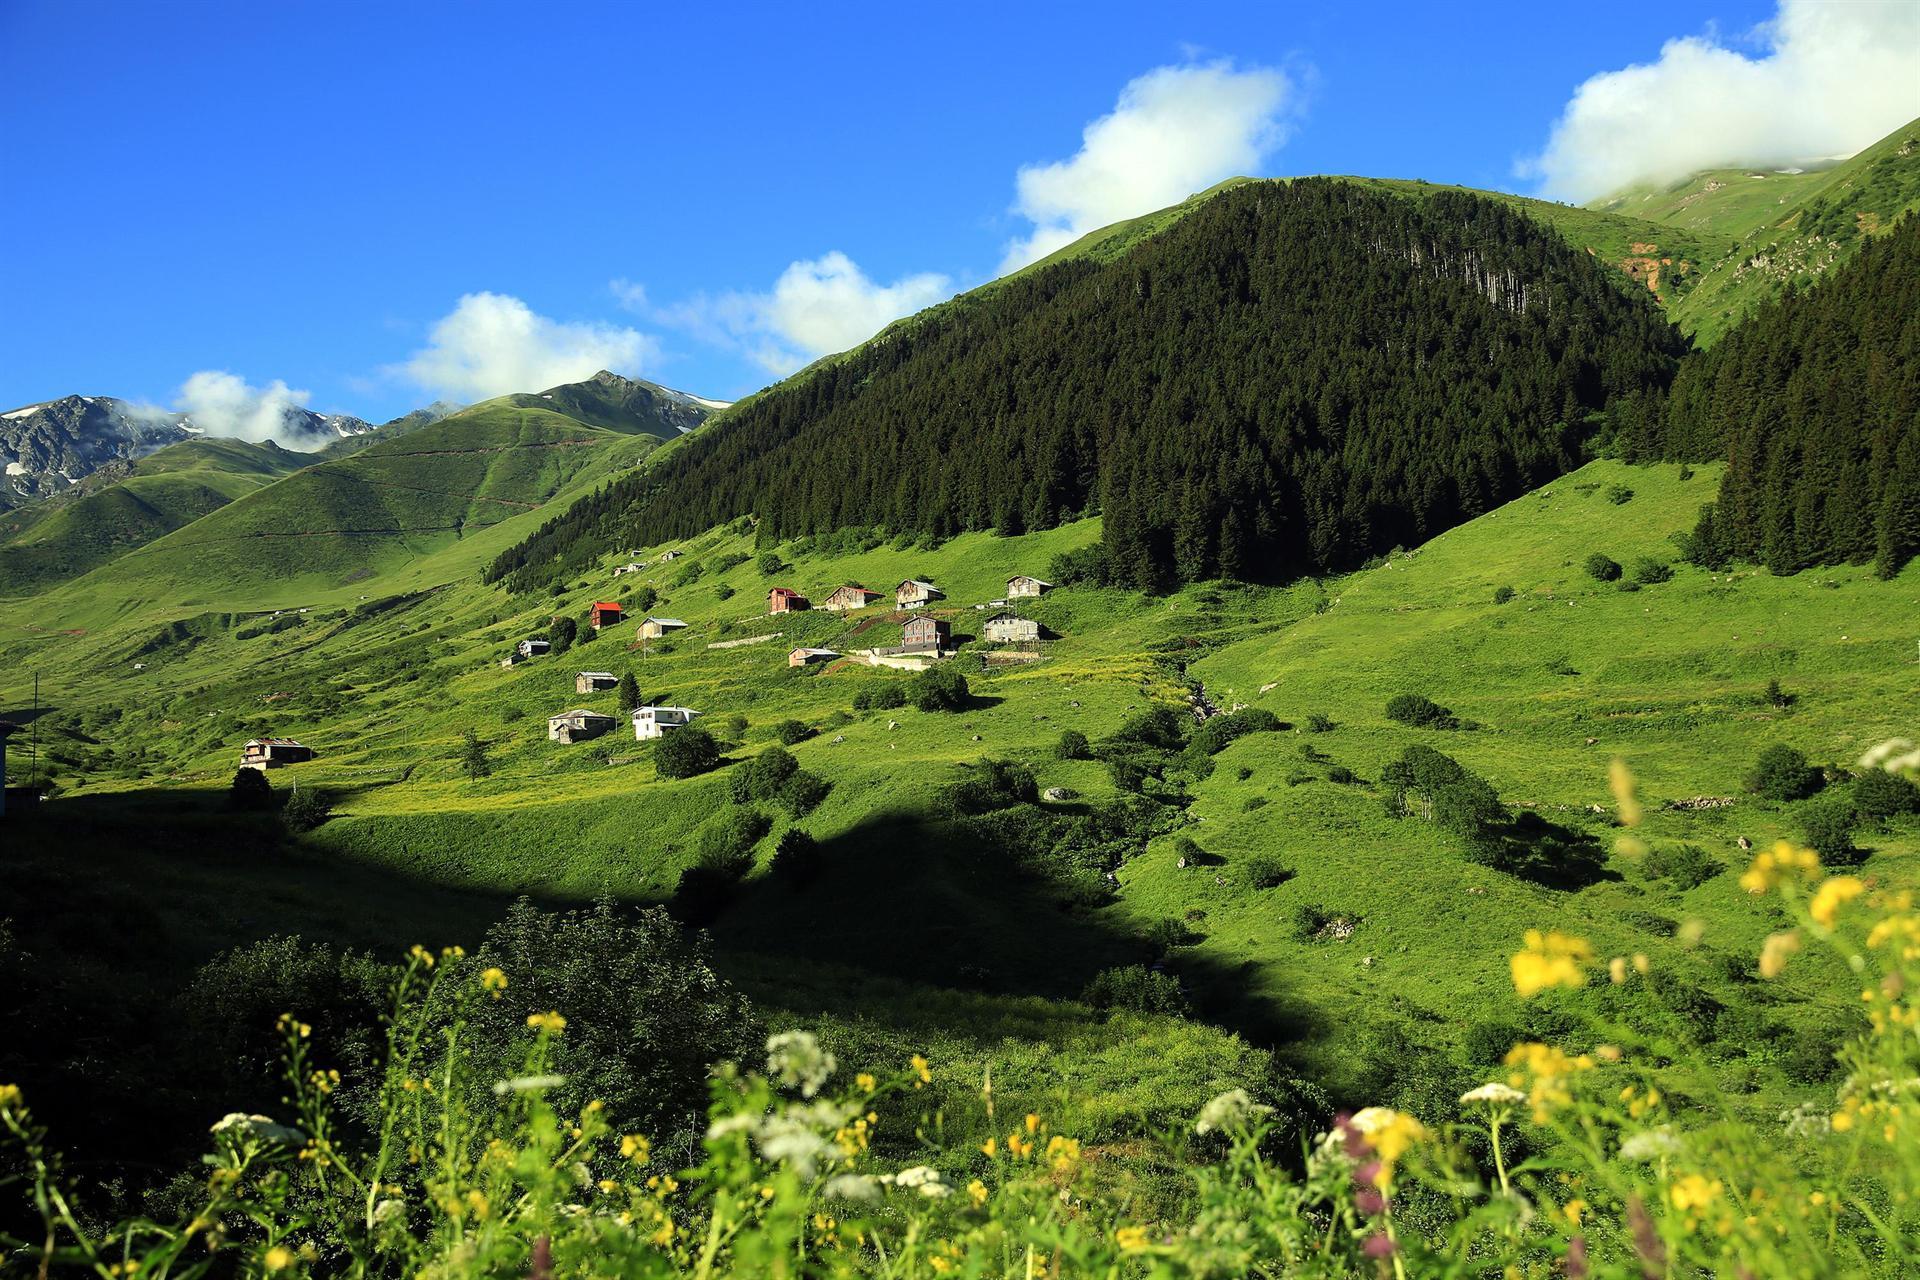 Doğu Karadeniz Bölgesi'ne son yıllarda başta Orta Doğu olmak üzere birçok ülkeden çok sayıda turist geliyor. Bölge, özellikle yaz aylarında yoğunlaşan ilgiyi karşılayamaz hale geldi.